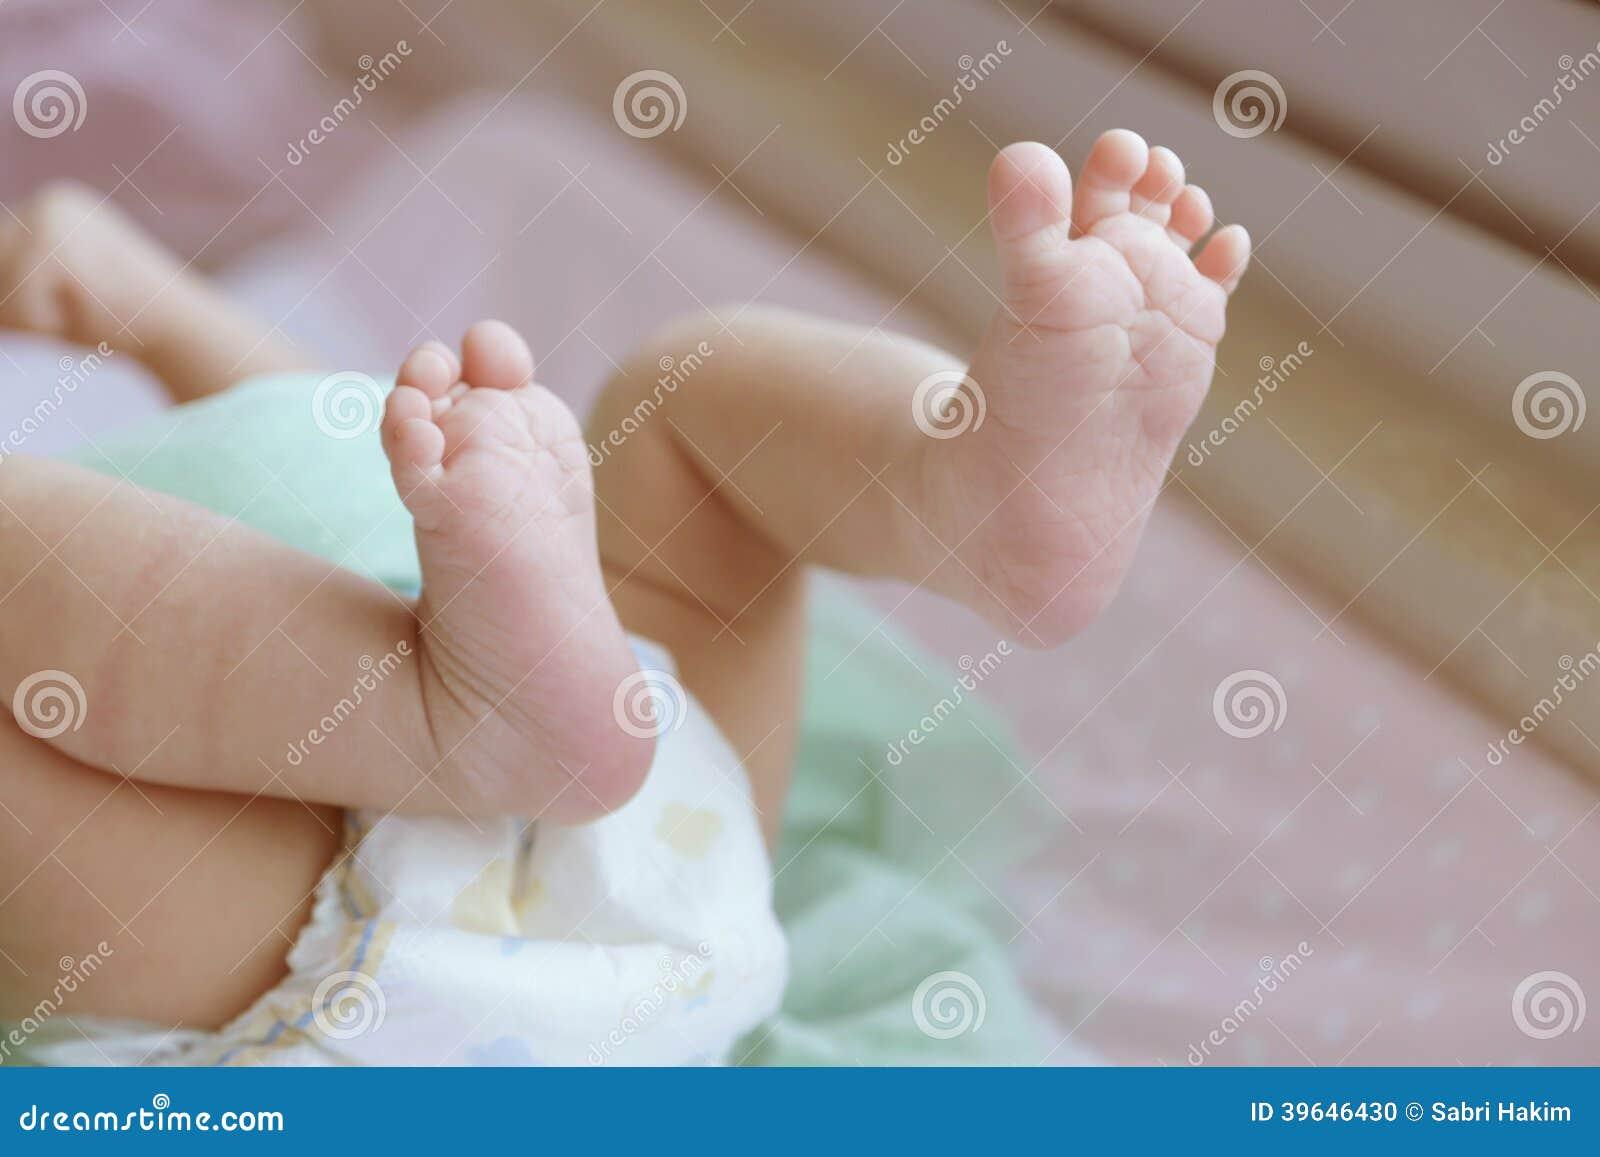 Pasgeboren Babyvoeten en Tenen